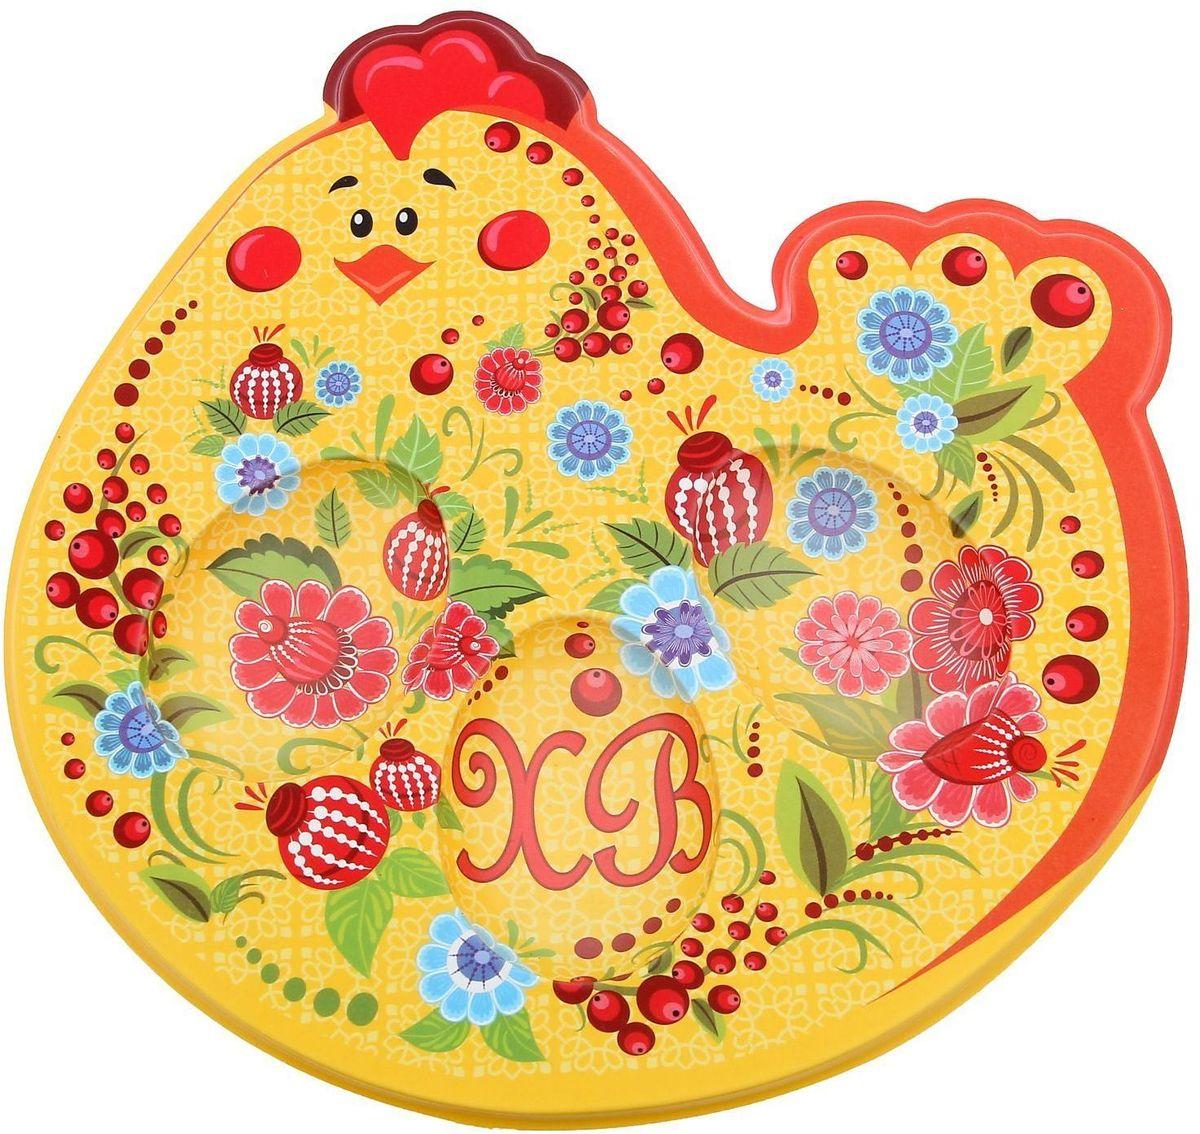 Подставка пасхальная Курочка, под 3 яйца, 18 х 8,2 см. 12530881253088Пасхальная подставка для 3 яйц и кулича изготовлена из качественного пластика, в центре имеется яркая вставка. Аксессуар станет достойным украшением праздничного стола, создаст радостное настроение и наполнит пространство вашего дома благостной энергией на весь год вперёд. Подставка будет ценным памятным подарком для родных, друзей и коллег. Радости, добра и света вам и вашим близким!